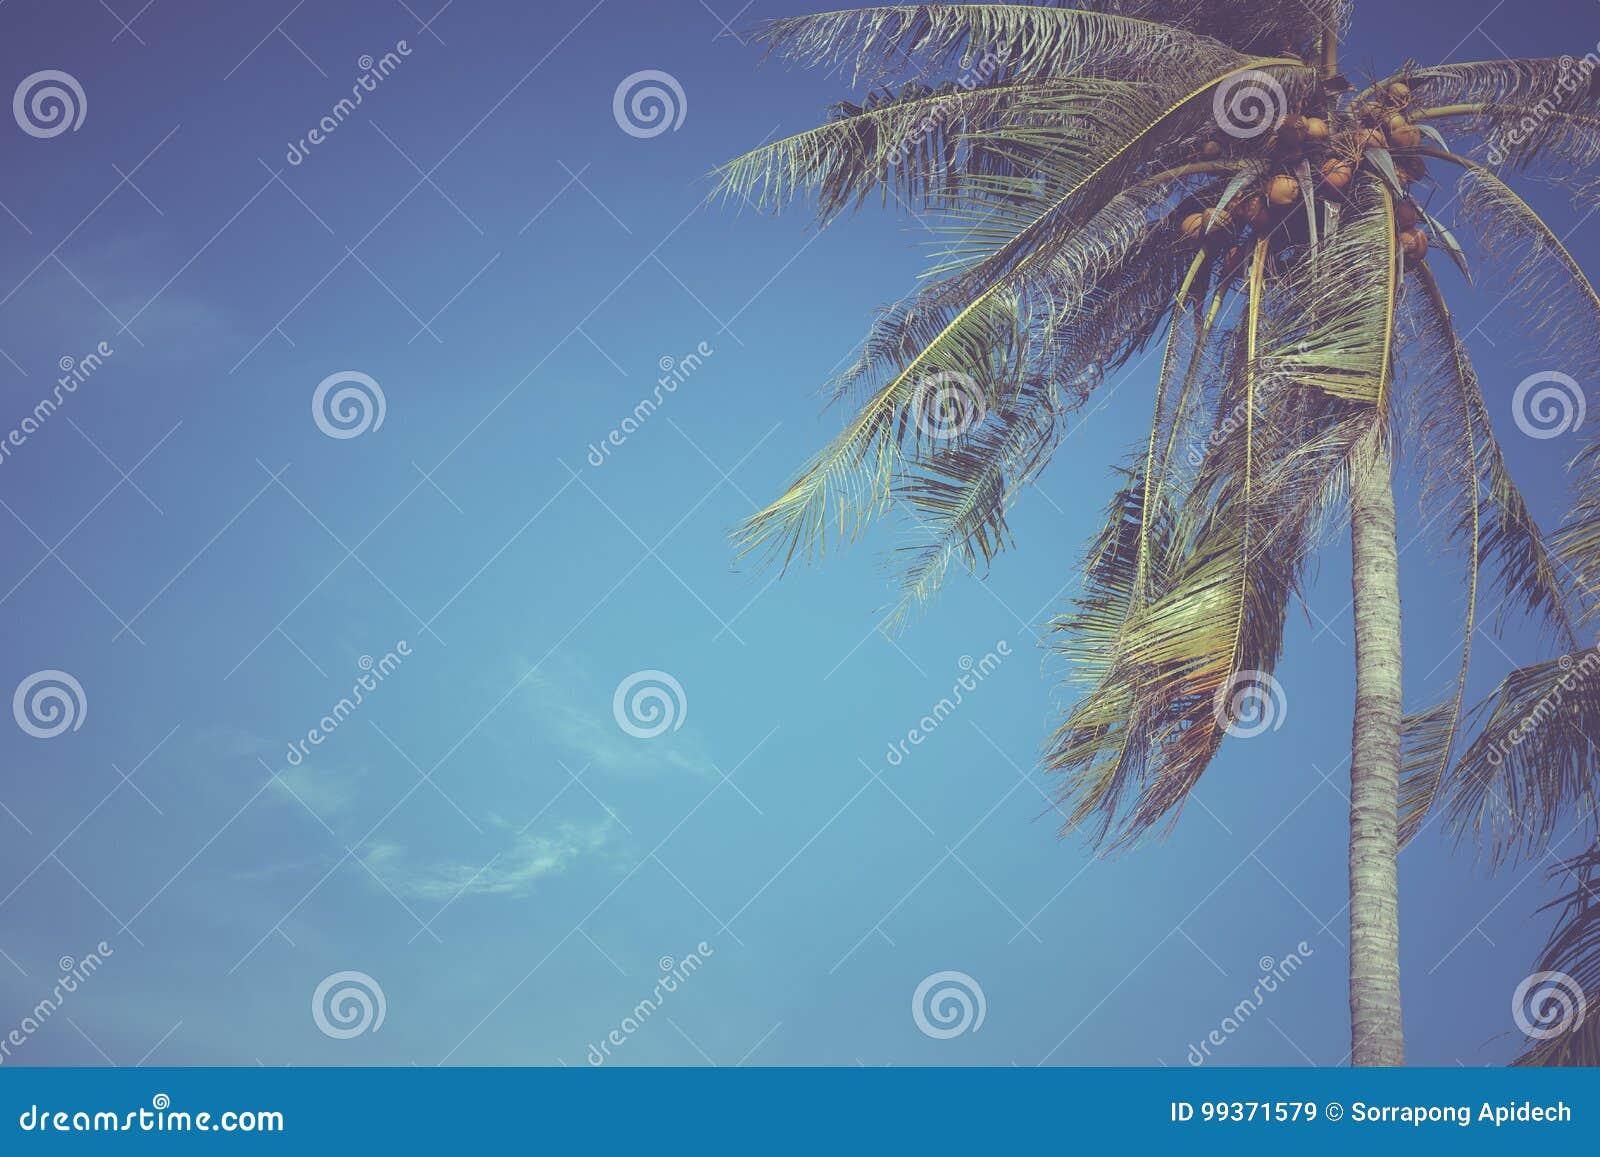 Blätter der Kokosnuss auf einem Hintergrund des blauen Himmels